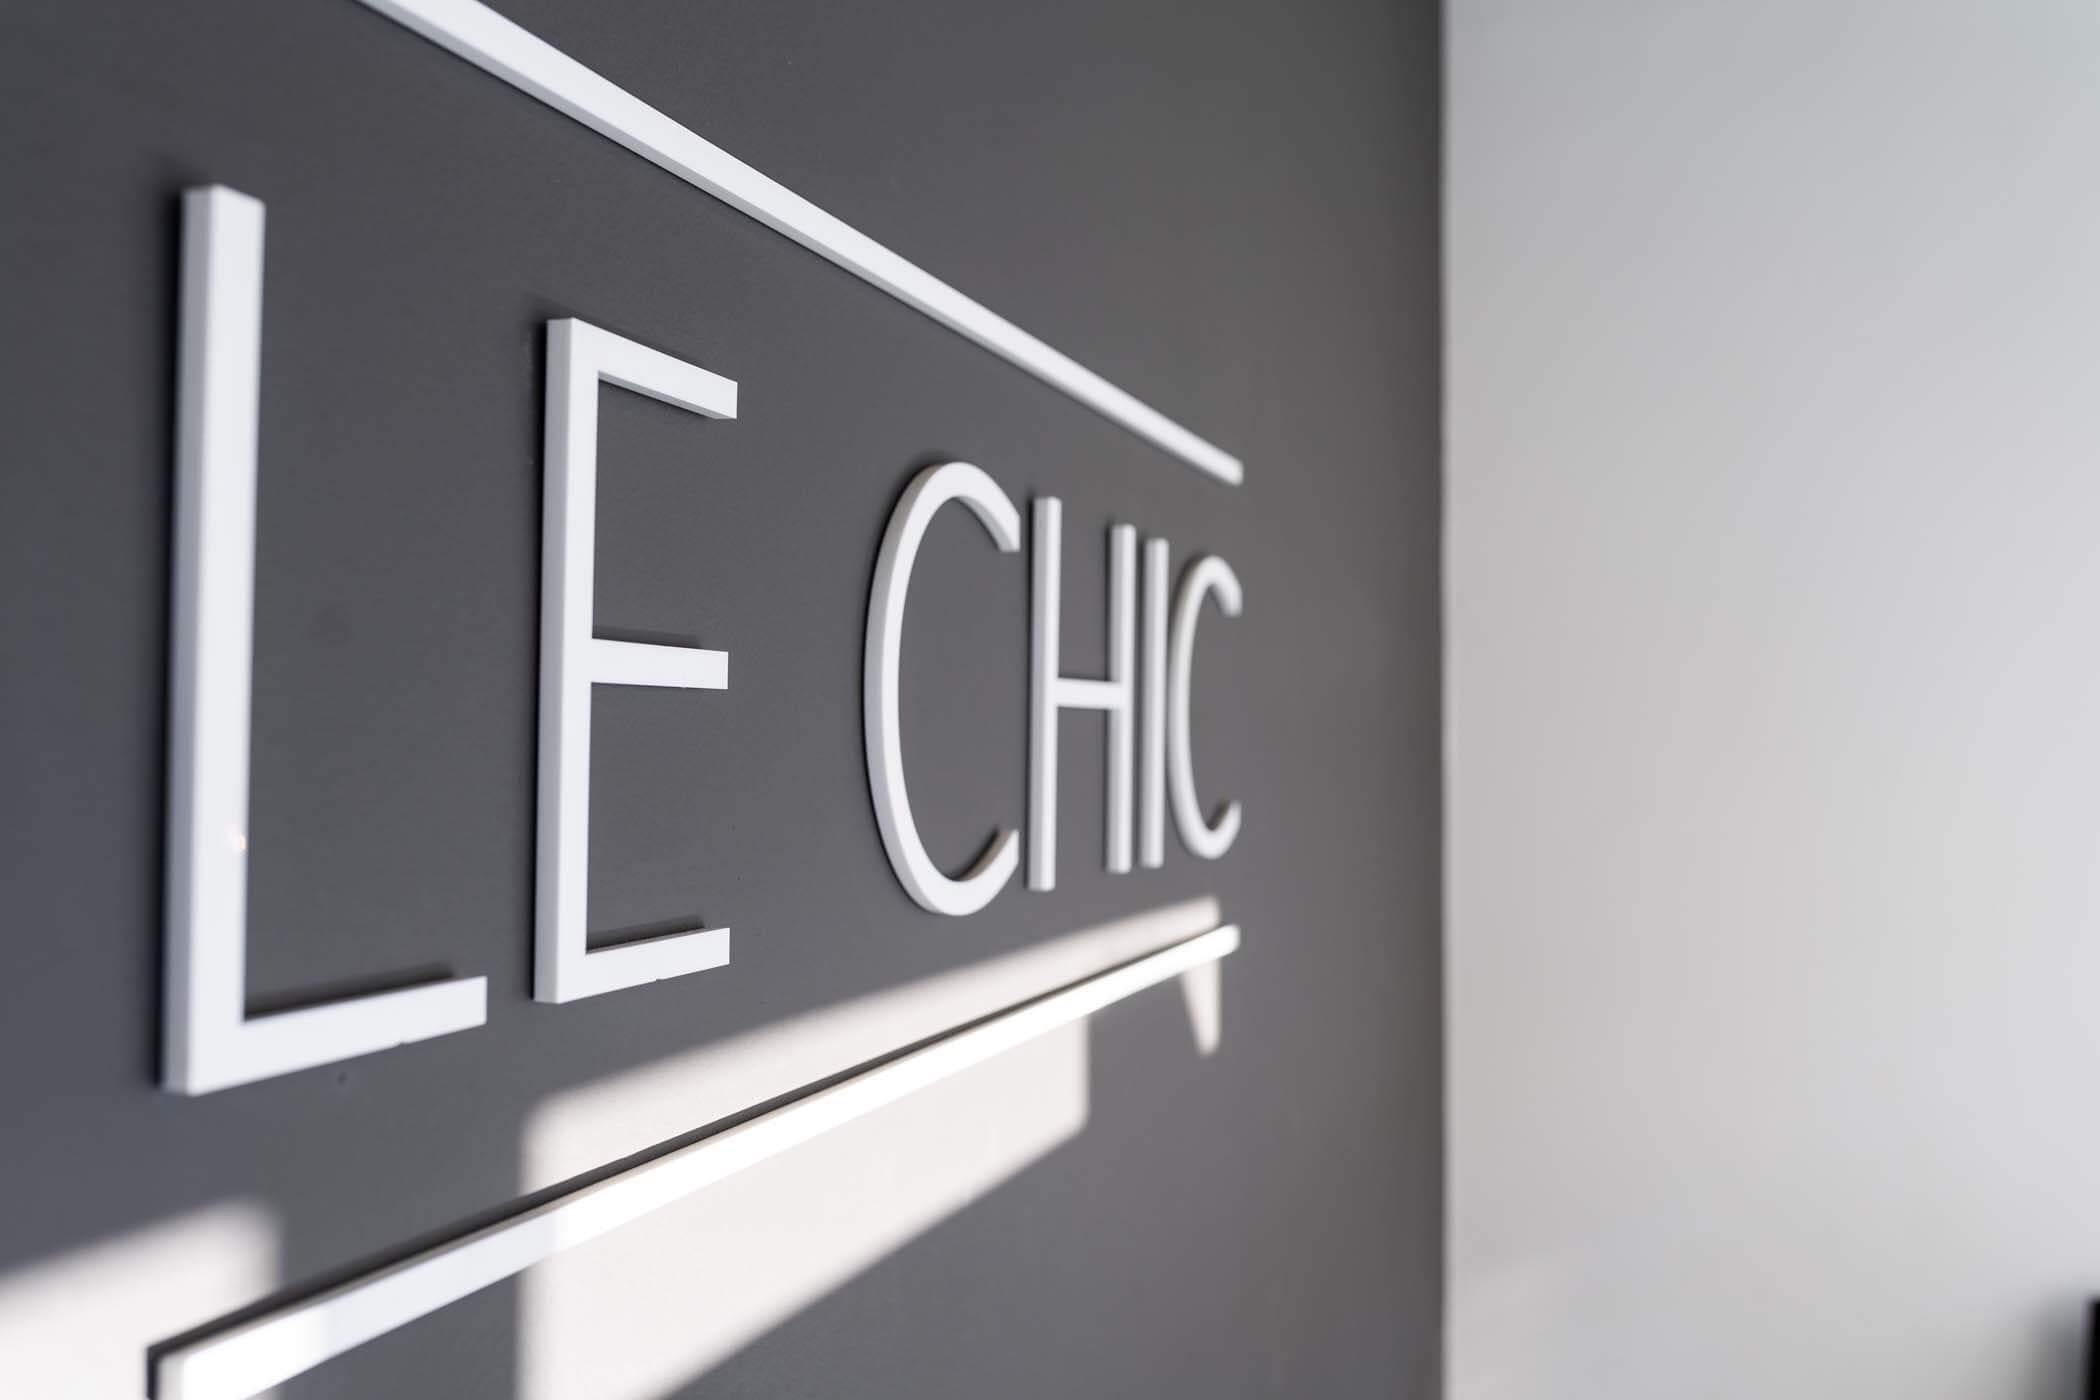 Friseur Le Chic